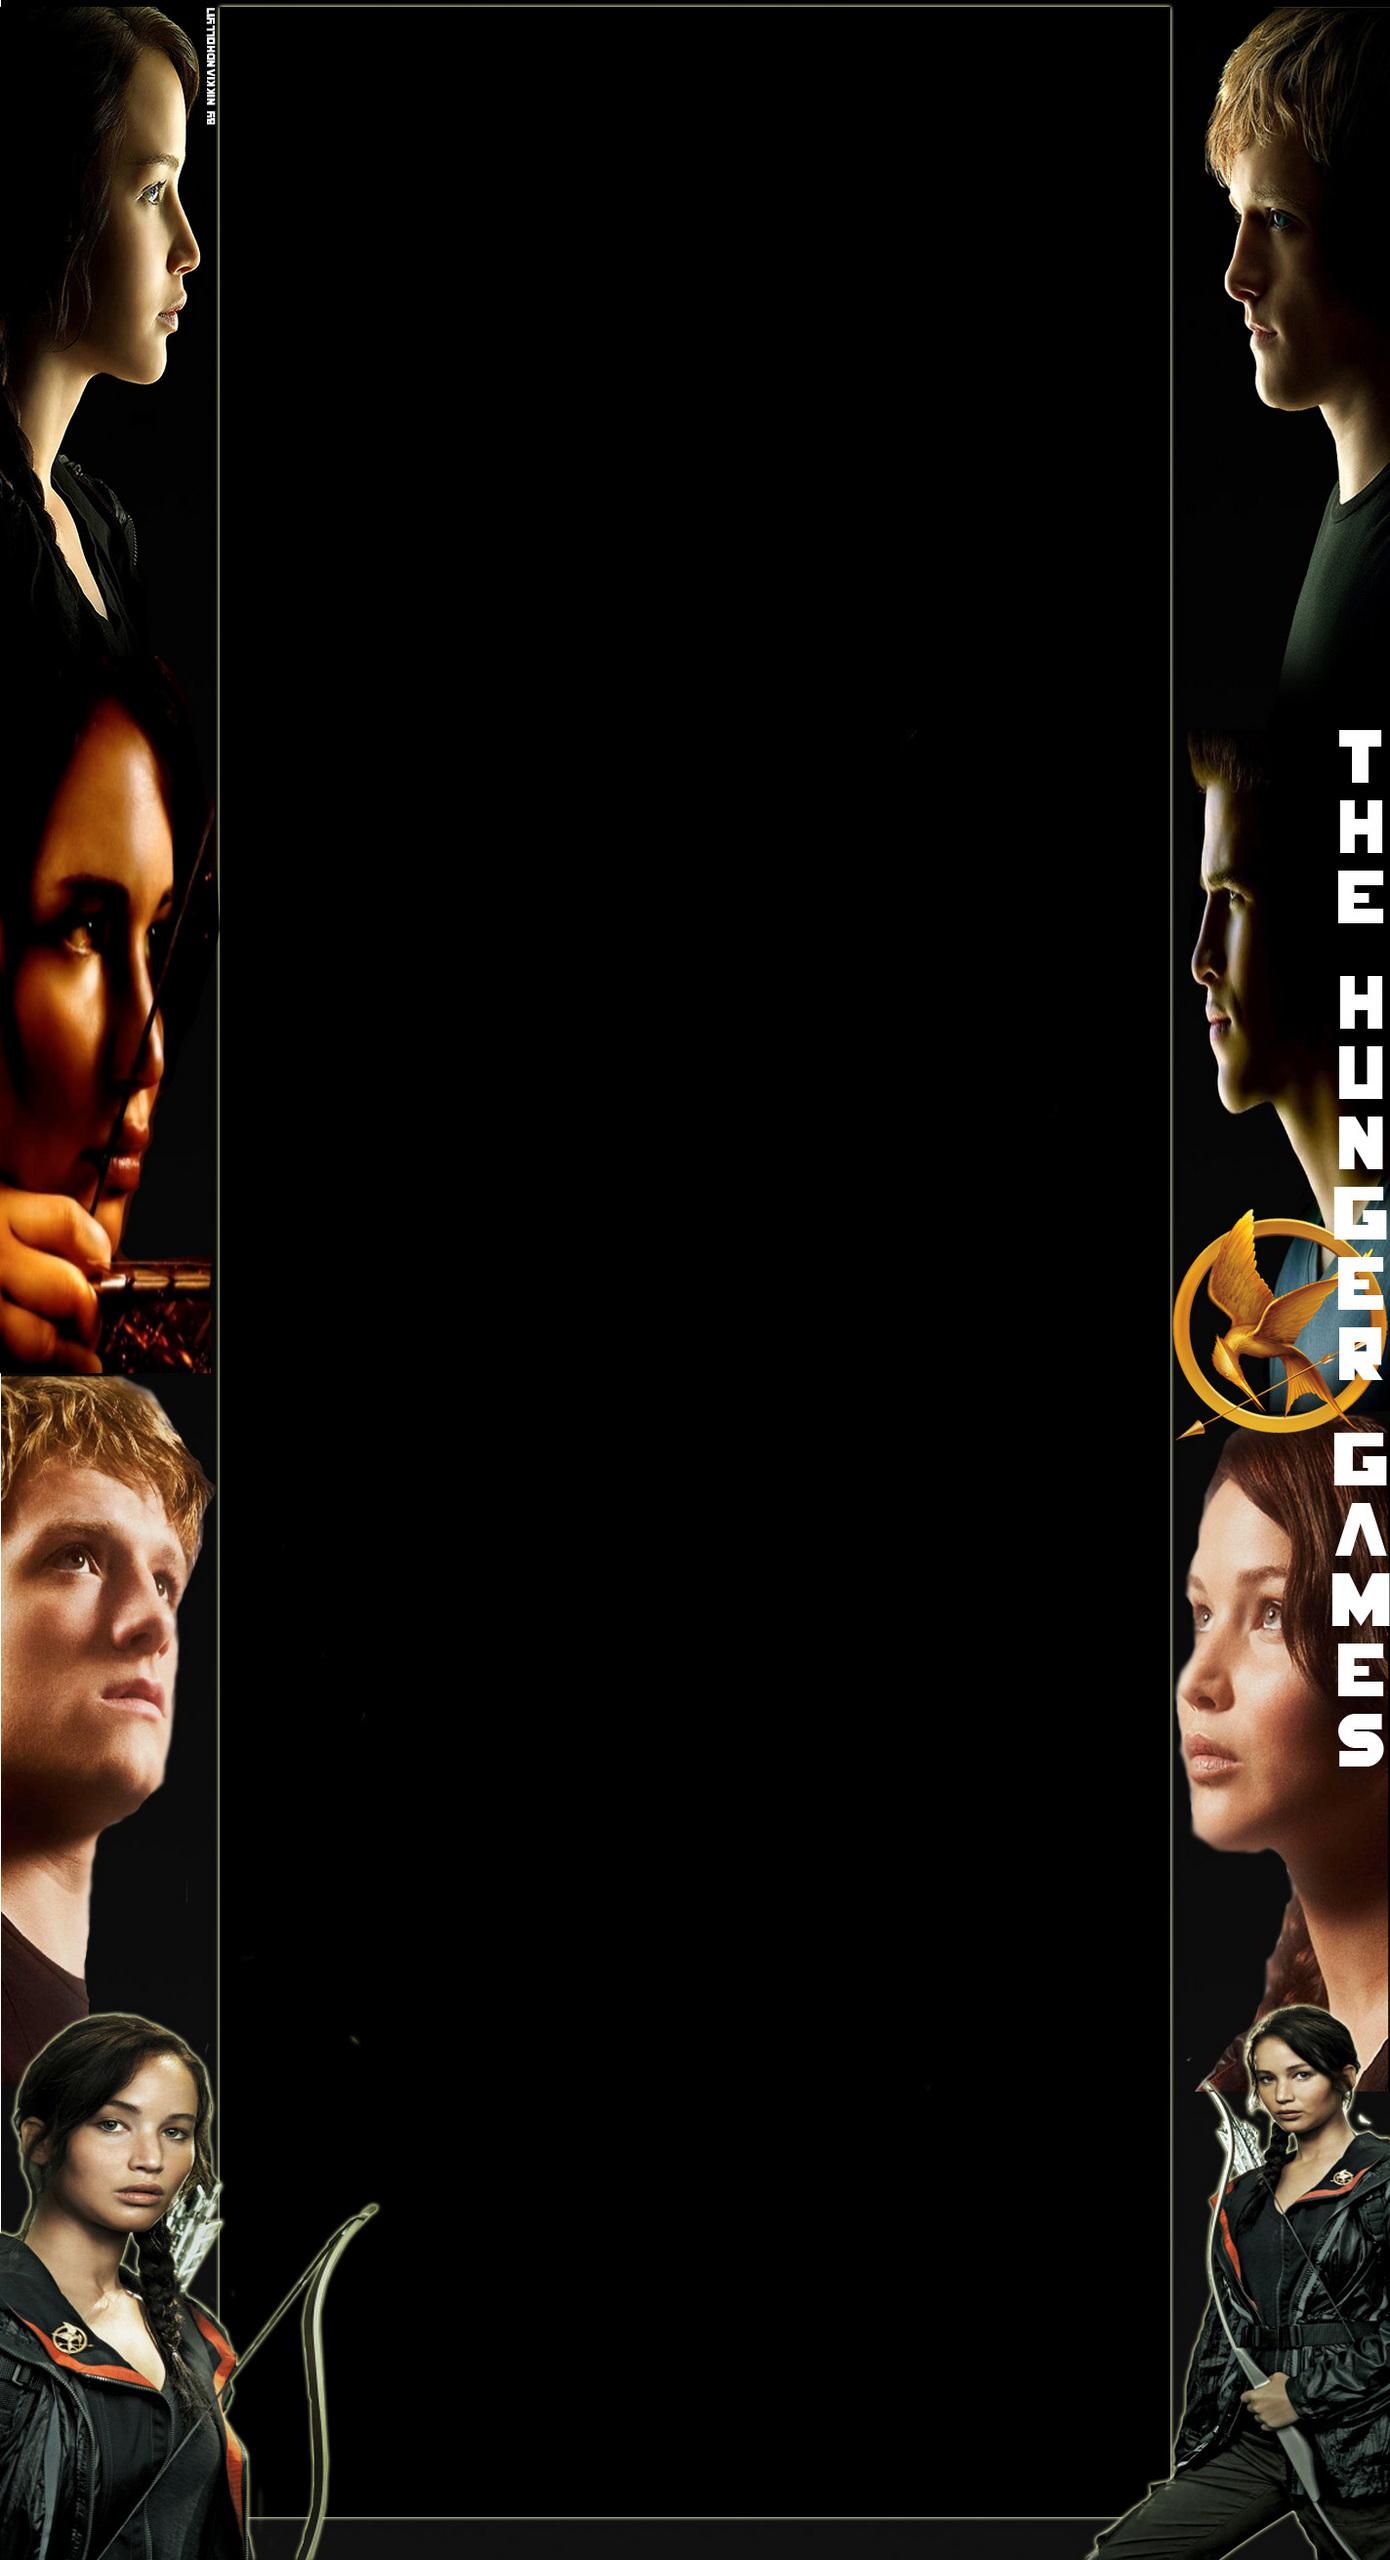 The Hunger Games YouTube BG [New Design]